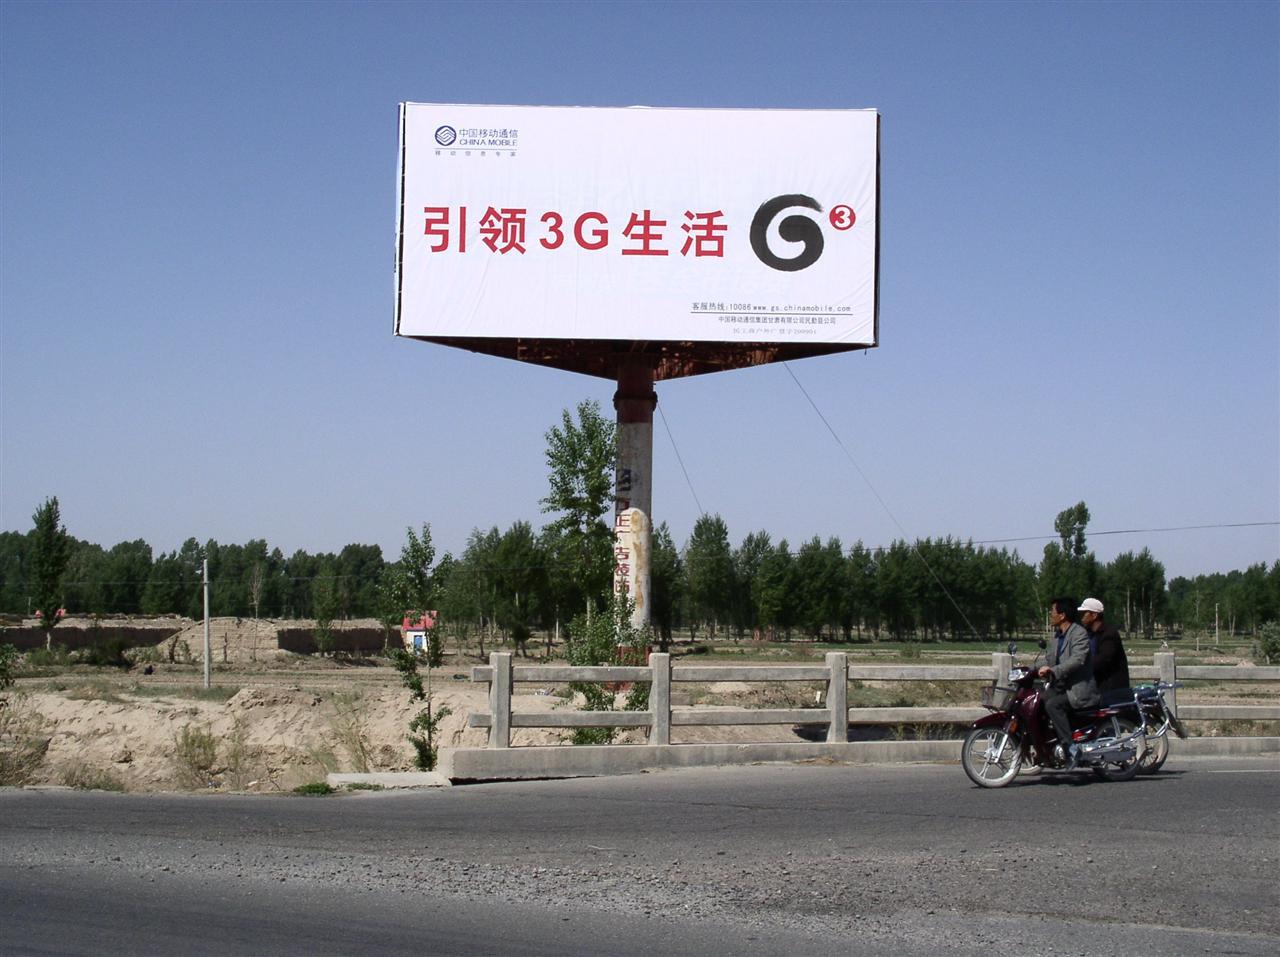 民勤移动公司广告